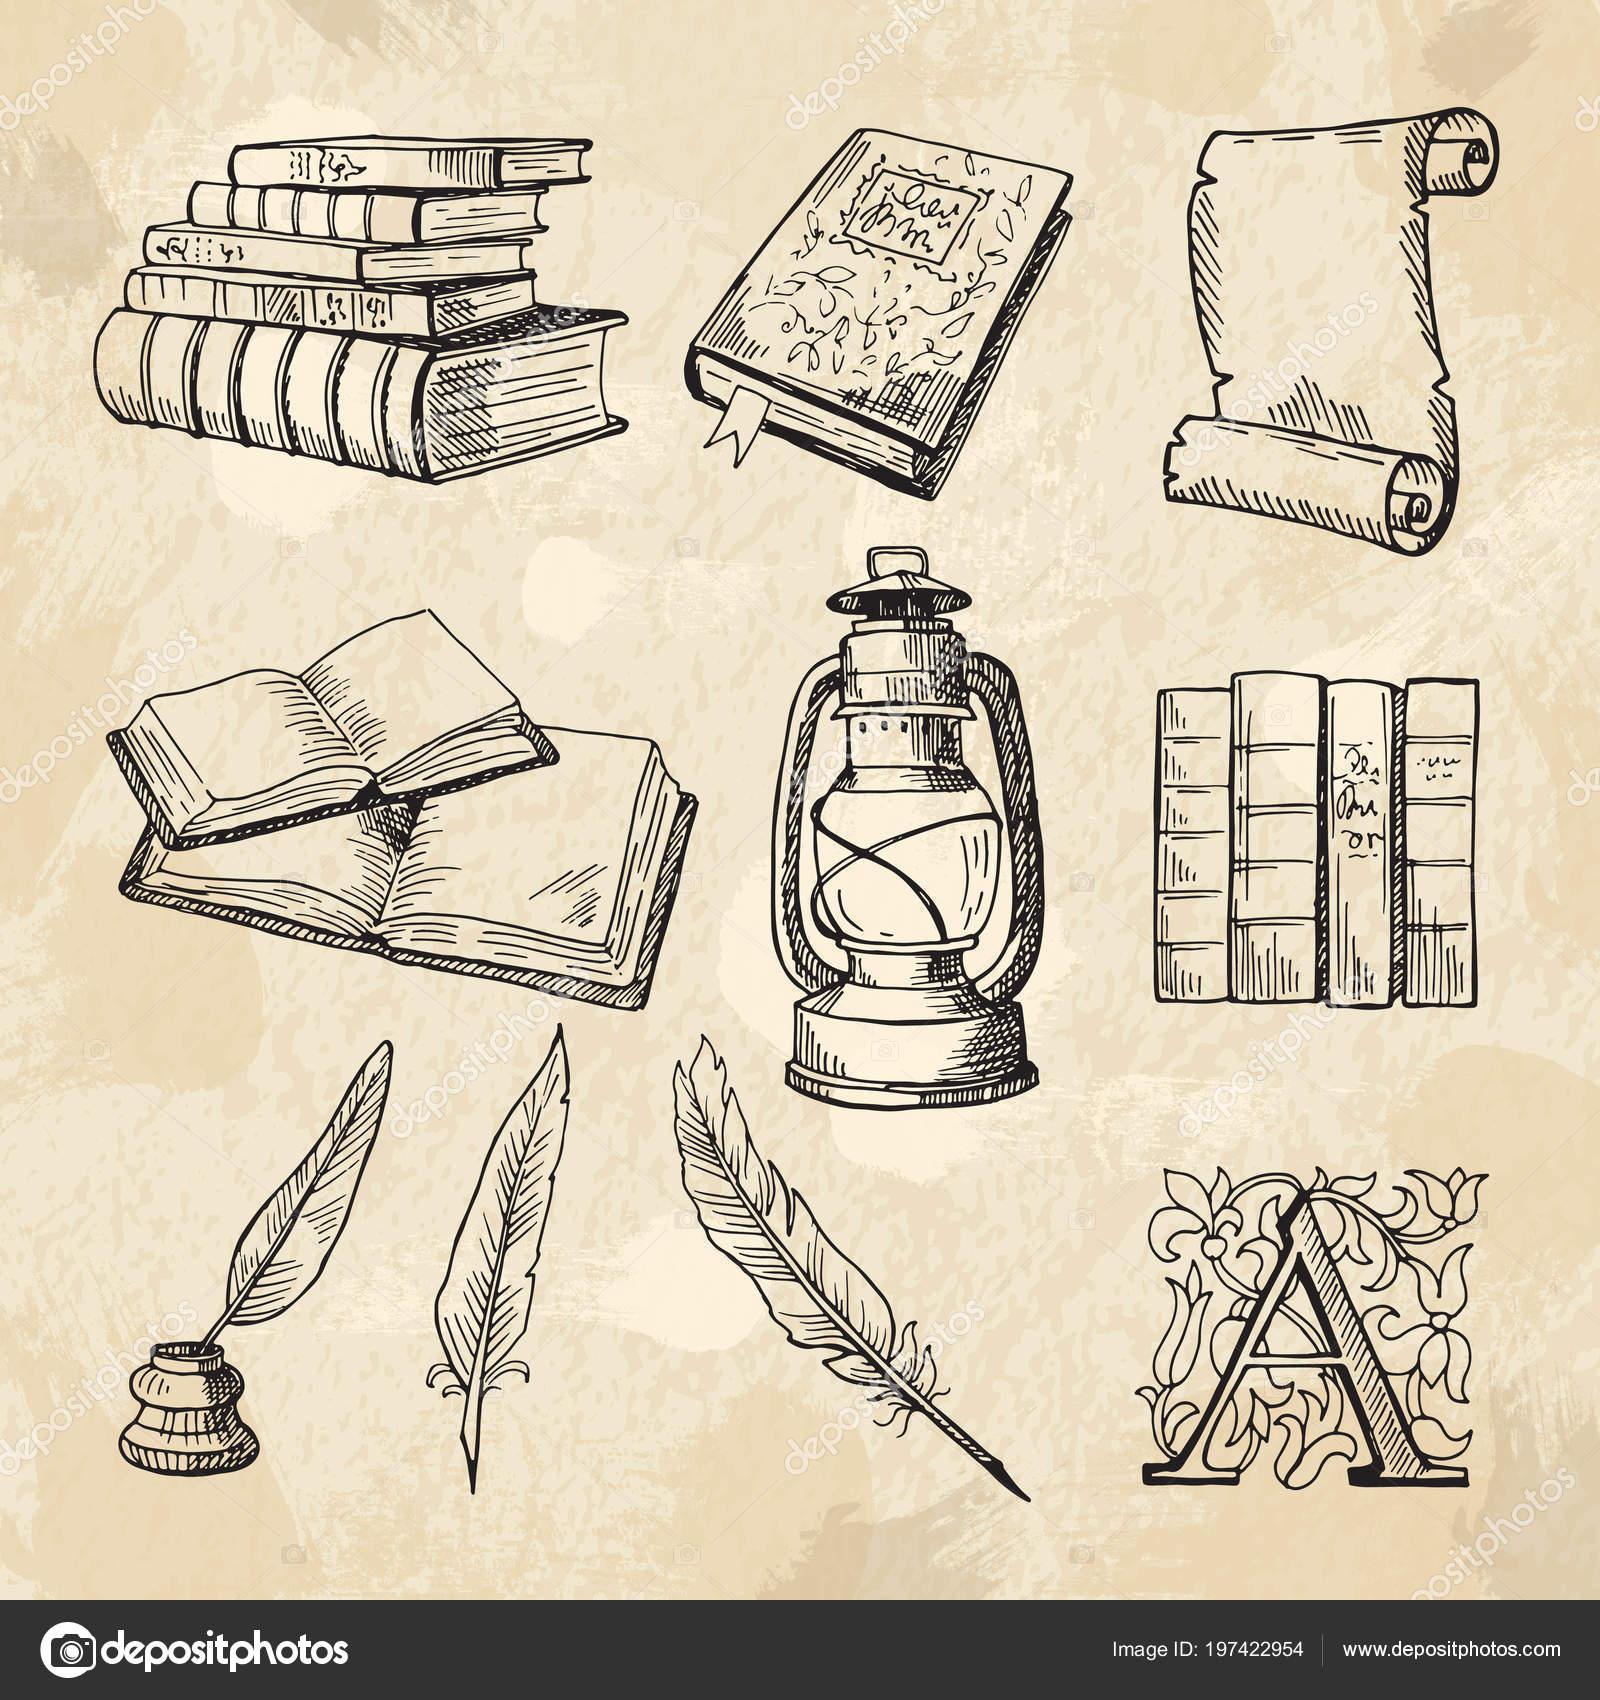 Dibujos Literatura Imagenes Del Concepto De Literatura Libros De